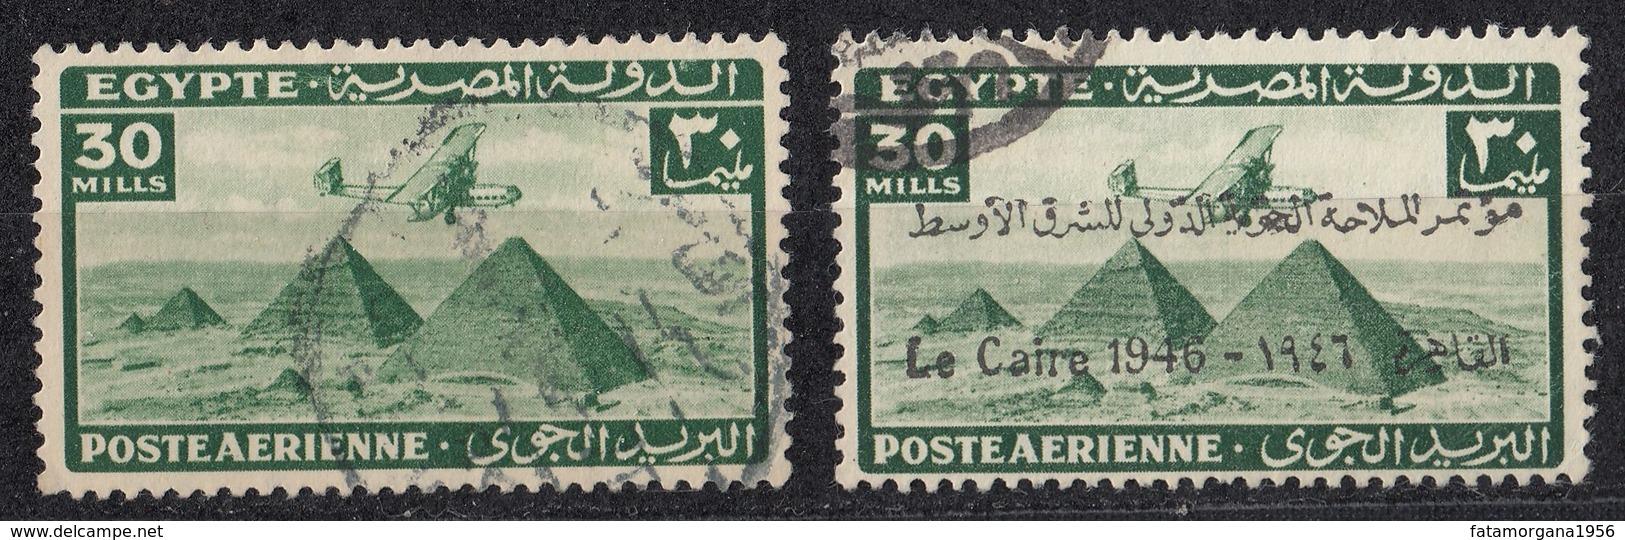 EGITTO - Posta Aerea, Lotto Di Due Valori Usati Yvert  28 E 28A. - Posta Aerea